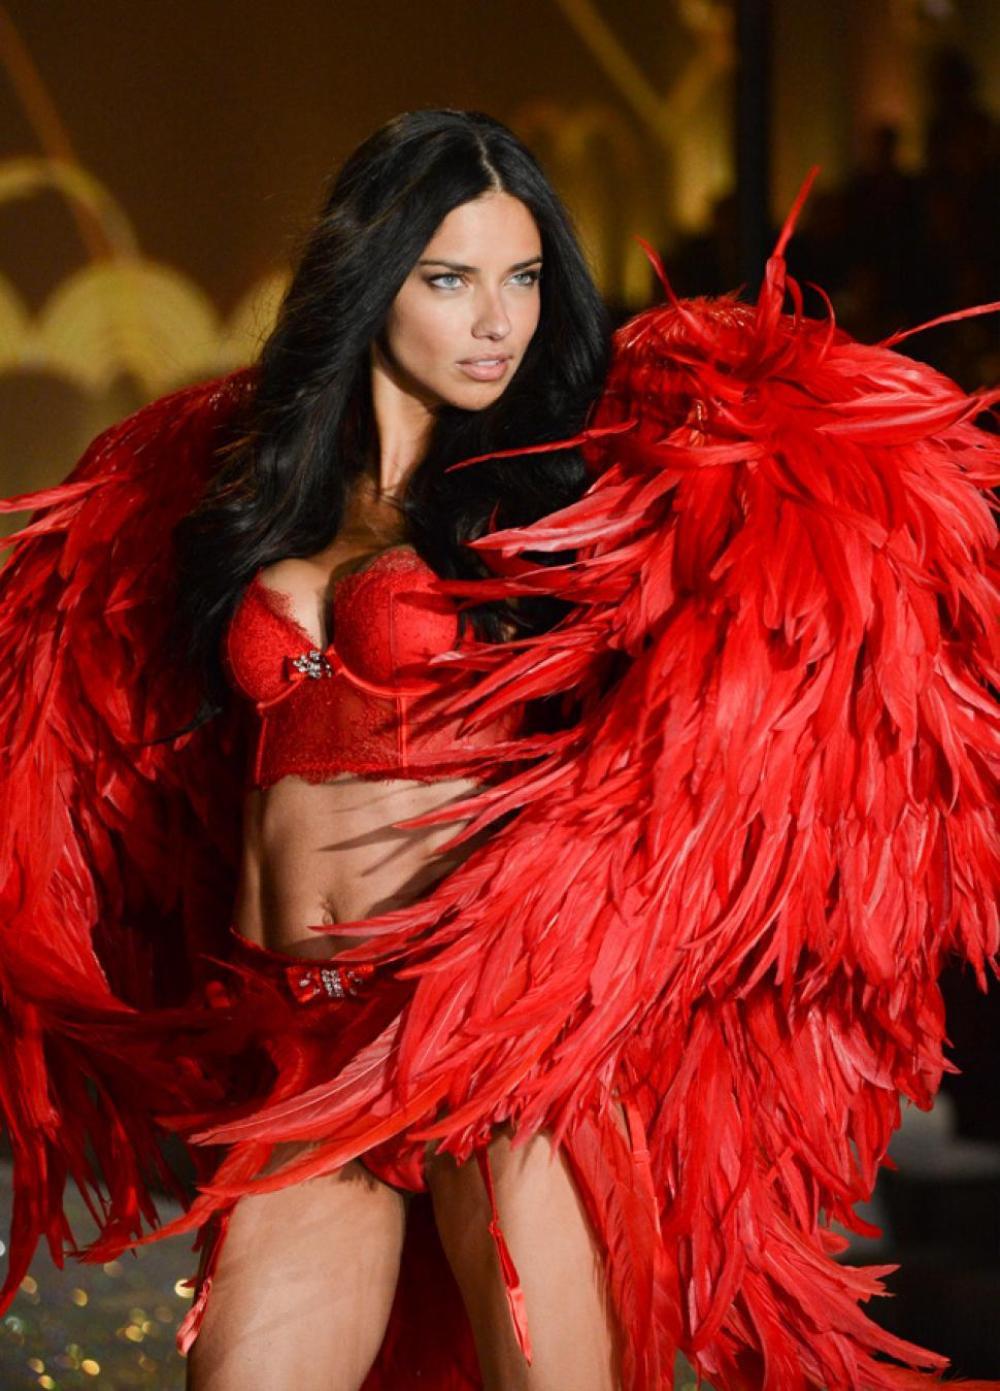 Hoa hậu Tiểu Vy cosplay thiết kế nội y như cựu thiên thần Victoria's Secret Ảnh 5